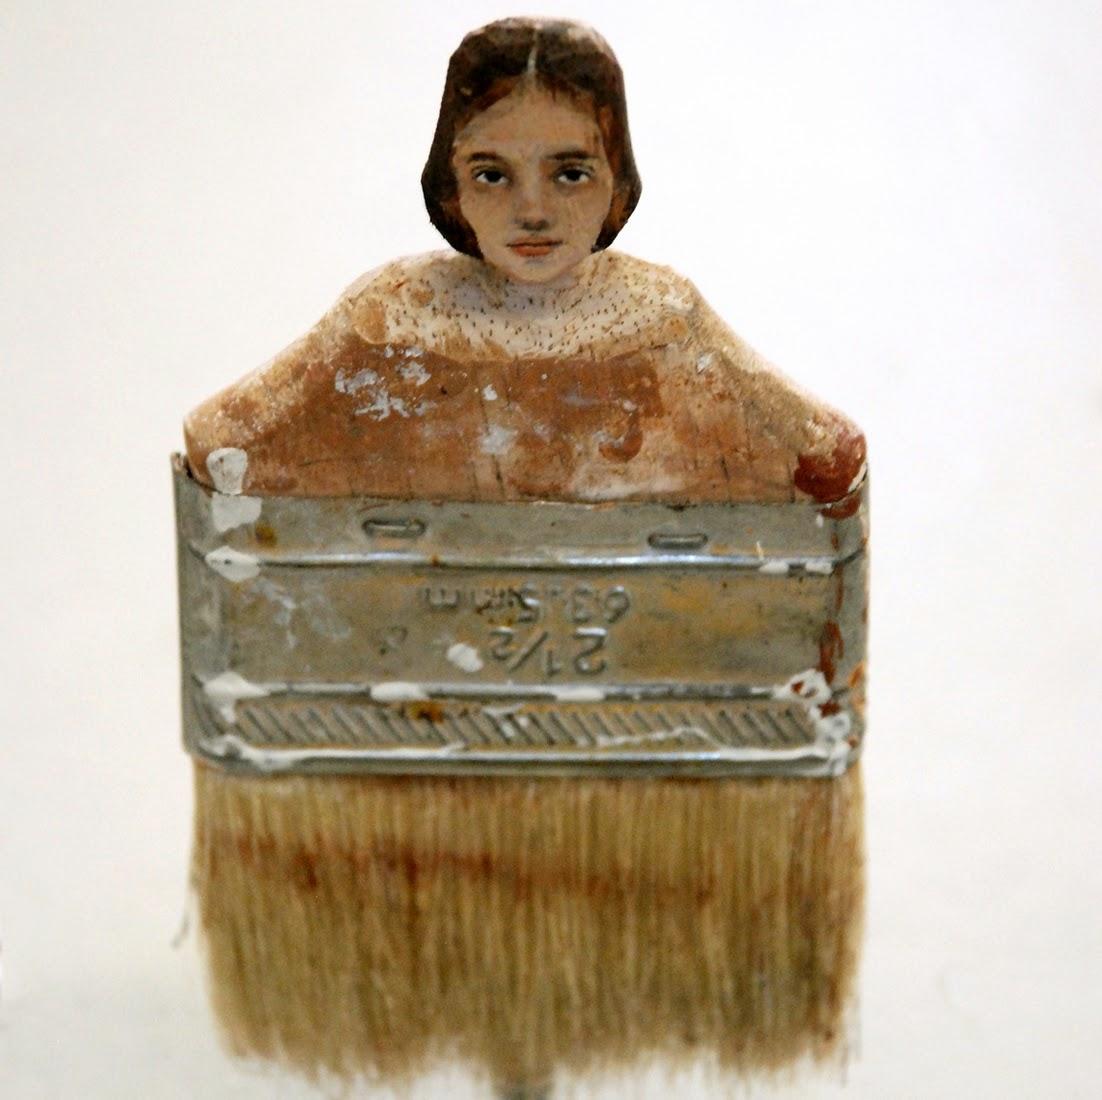 16-2-1-2-Rebecca-Szeto-Rebirth-Paintbrush-Sculpture-www-designstack-co